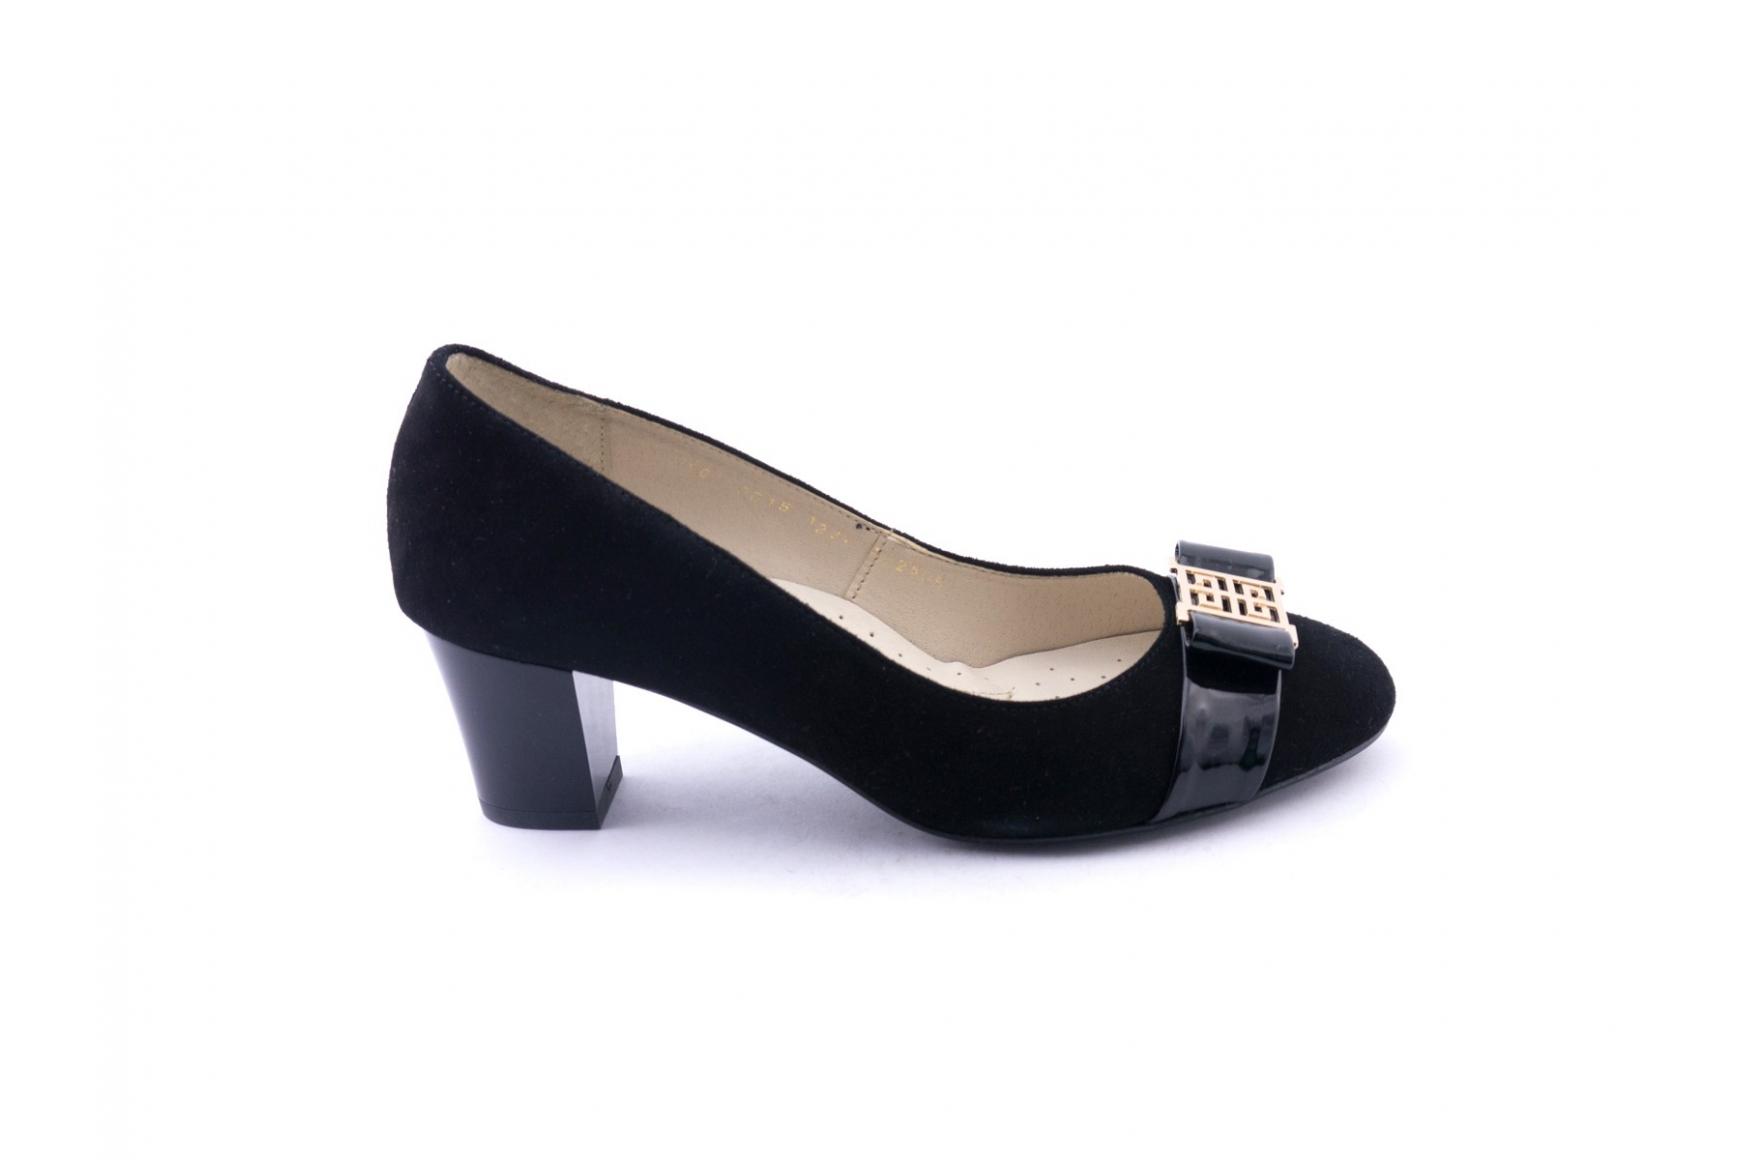 Купить Туфли женские Caroline 1234 с доставкой по Украине 6d20284fcd4a7